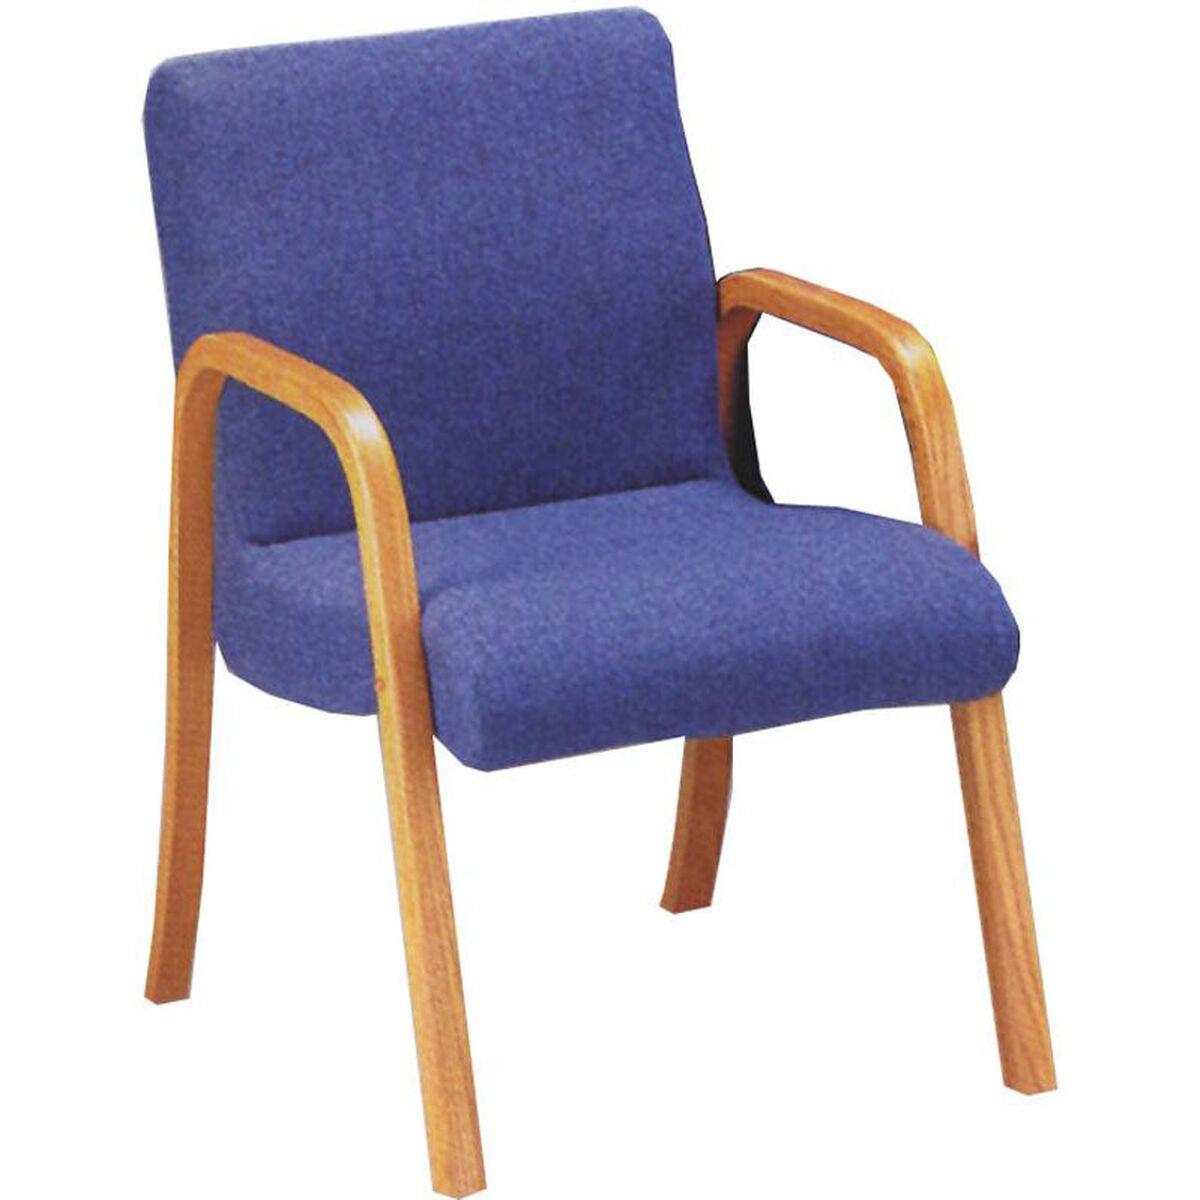 High Point Furniture Industries 1003 Hpf Bizchair Com